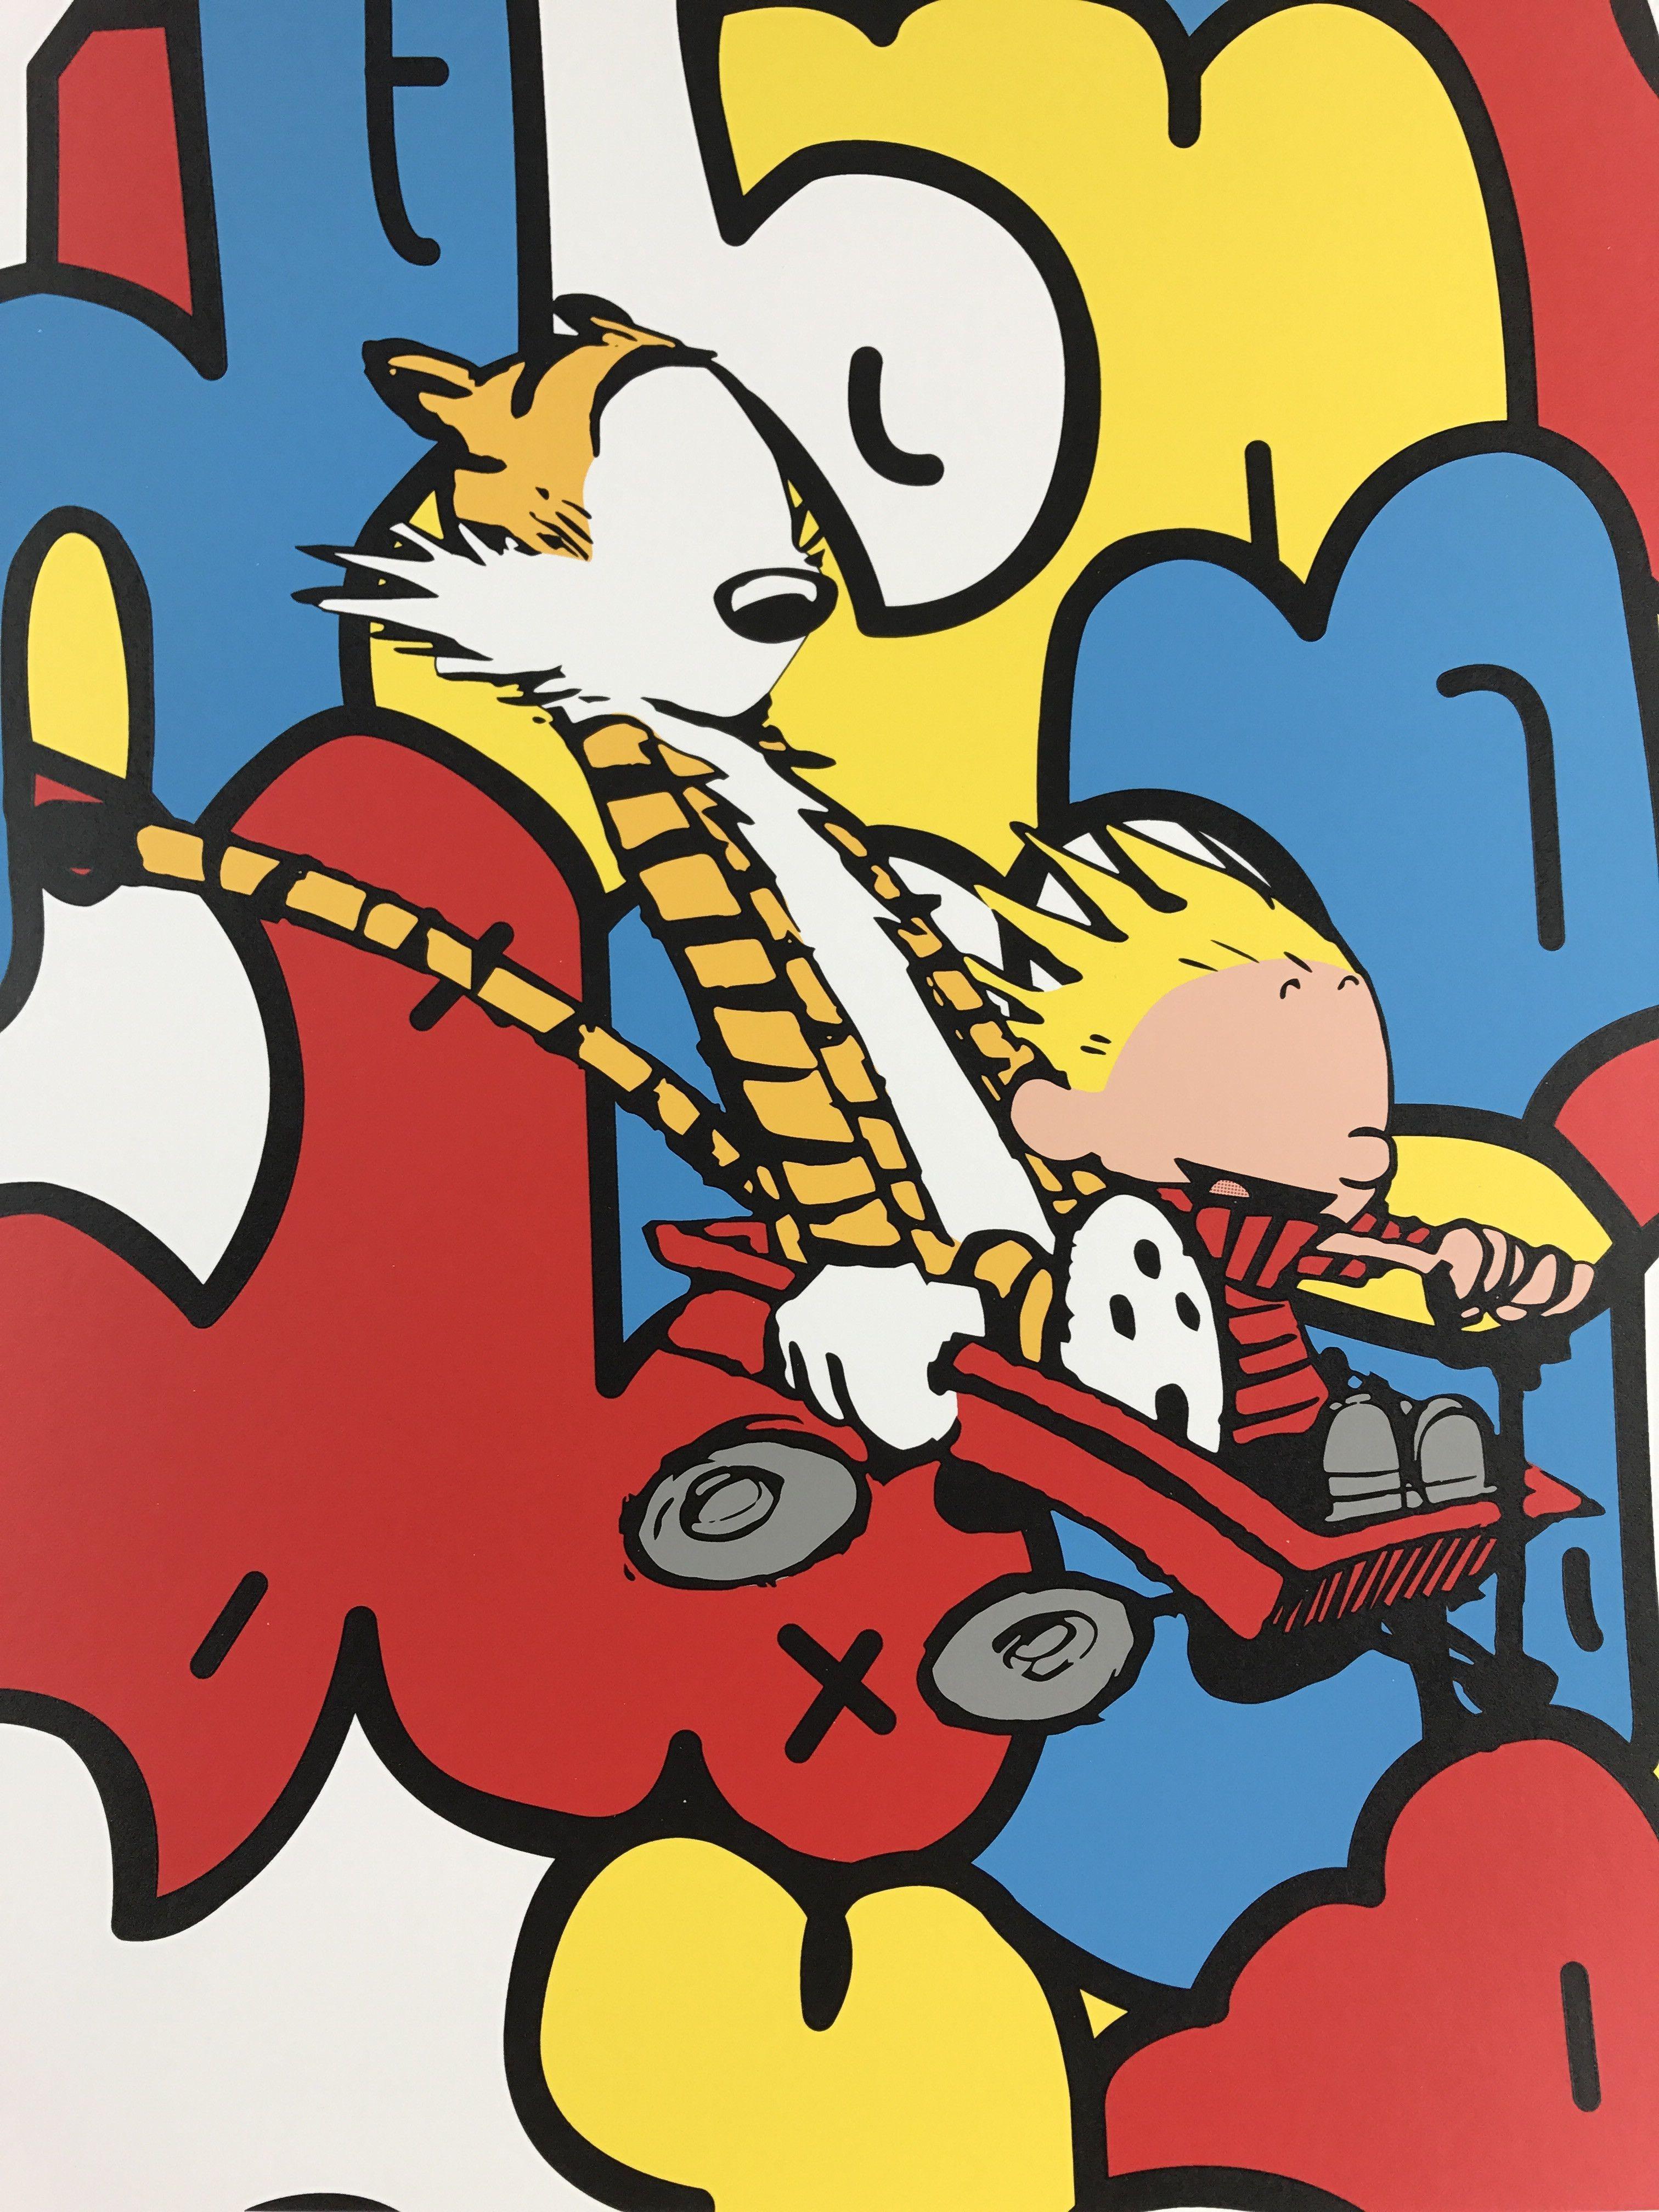 Old Friends - 2015 Jerkface poster street art Calvin and Hobbes AP ...